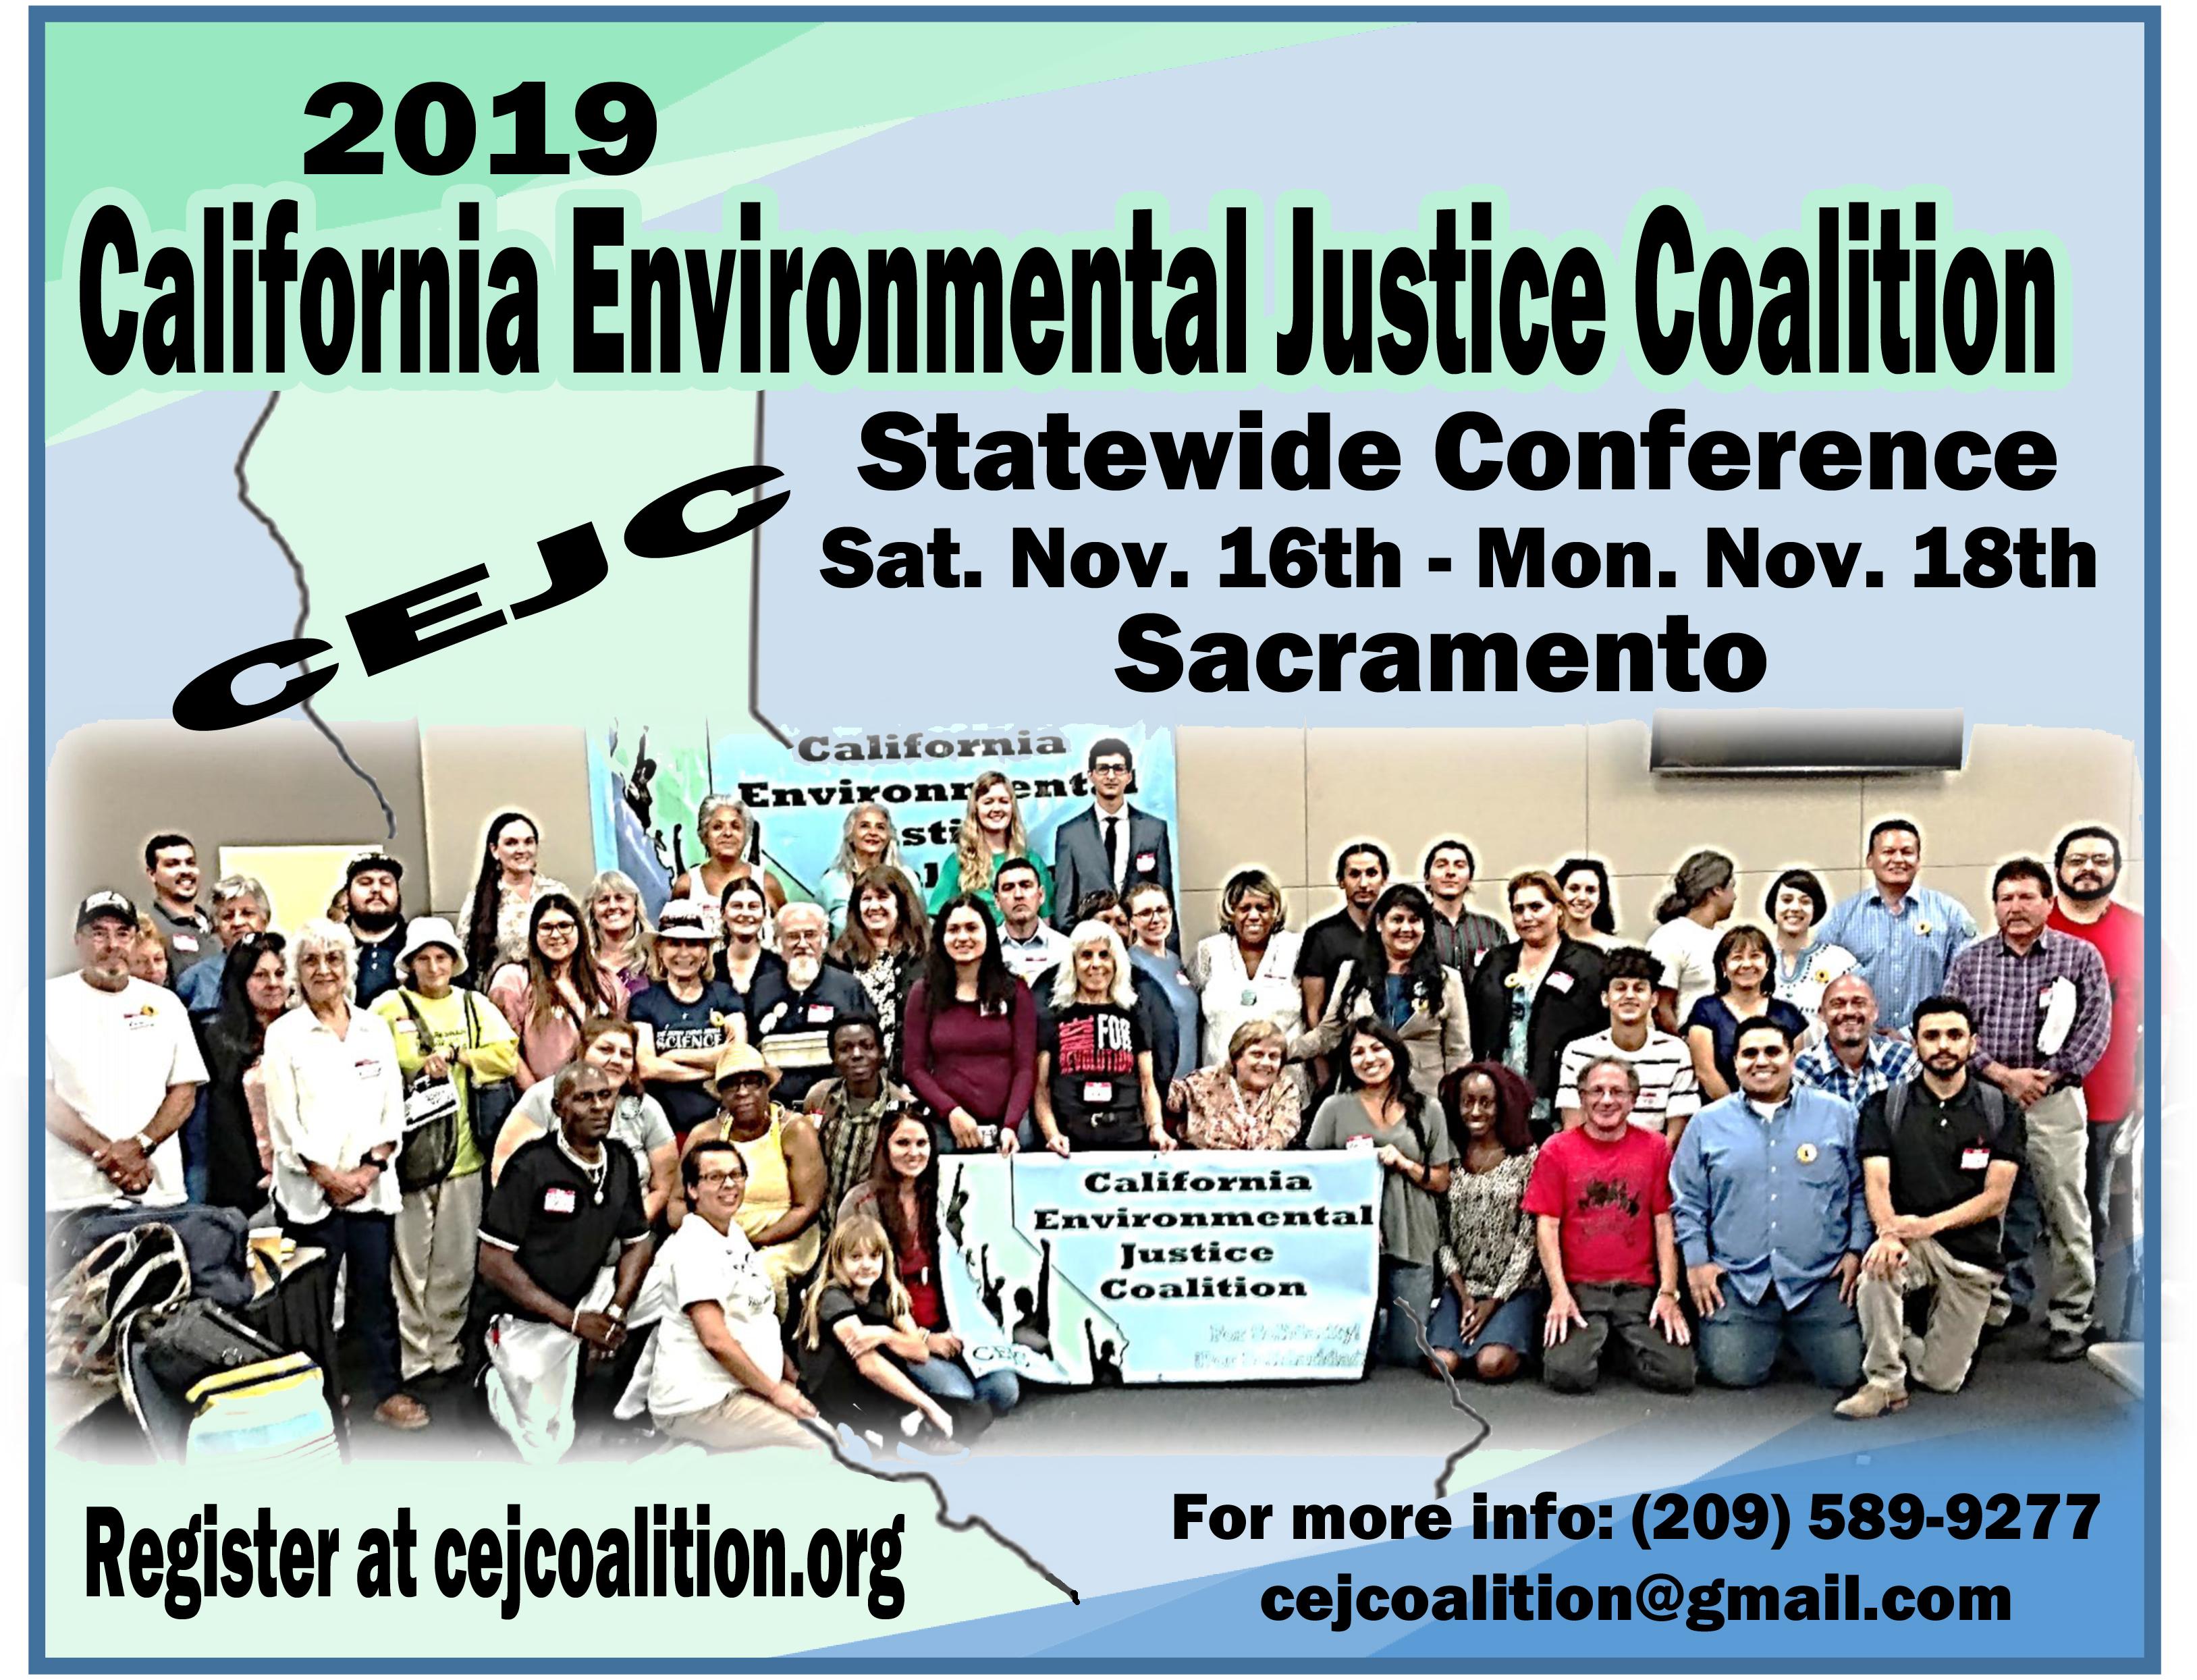 CEJC 2019 Conf flyer